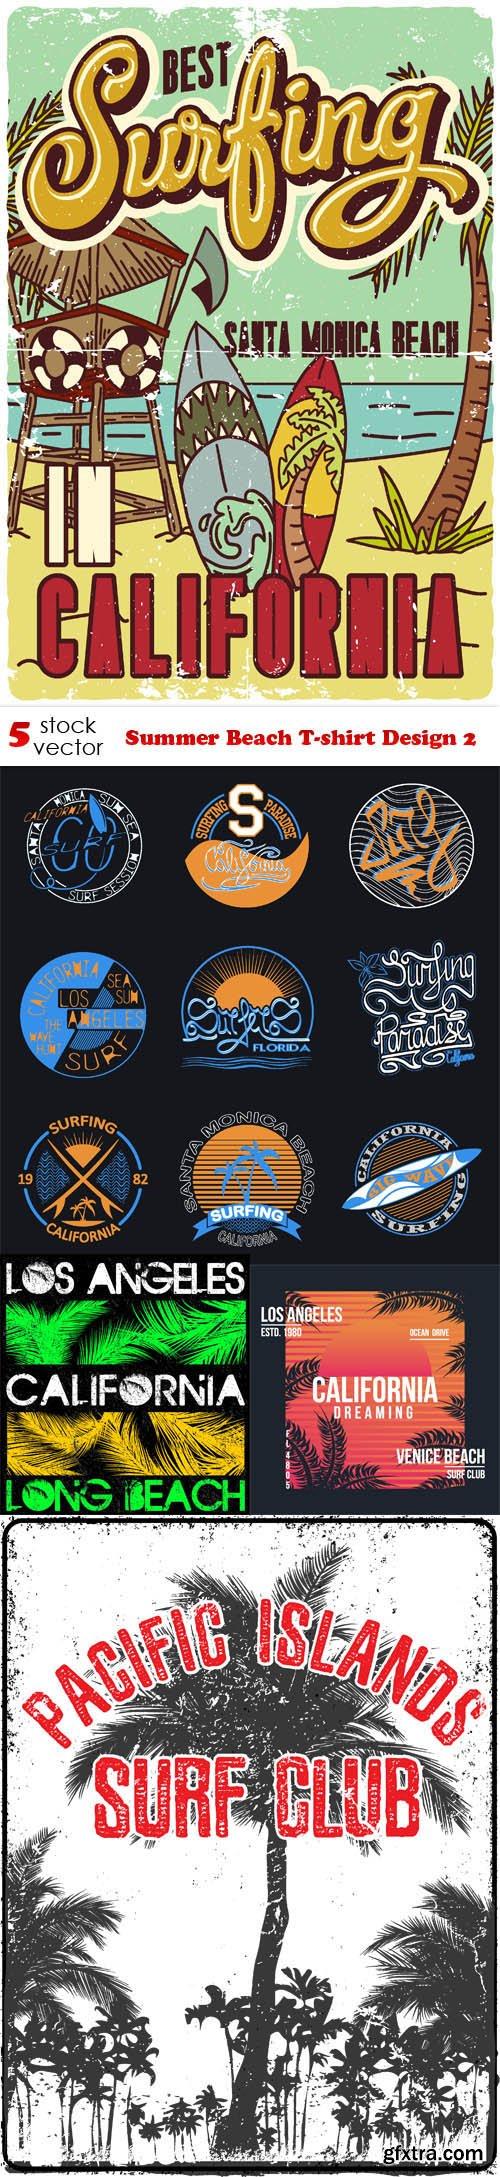 Vectors - Summer Beach T-shirt Design 2